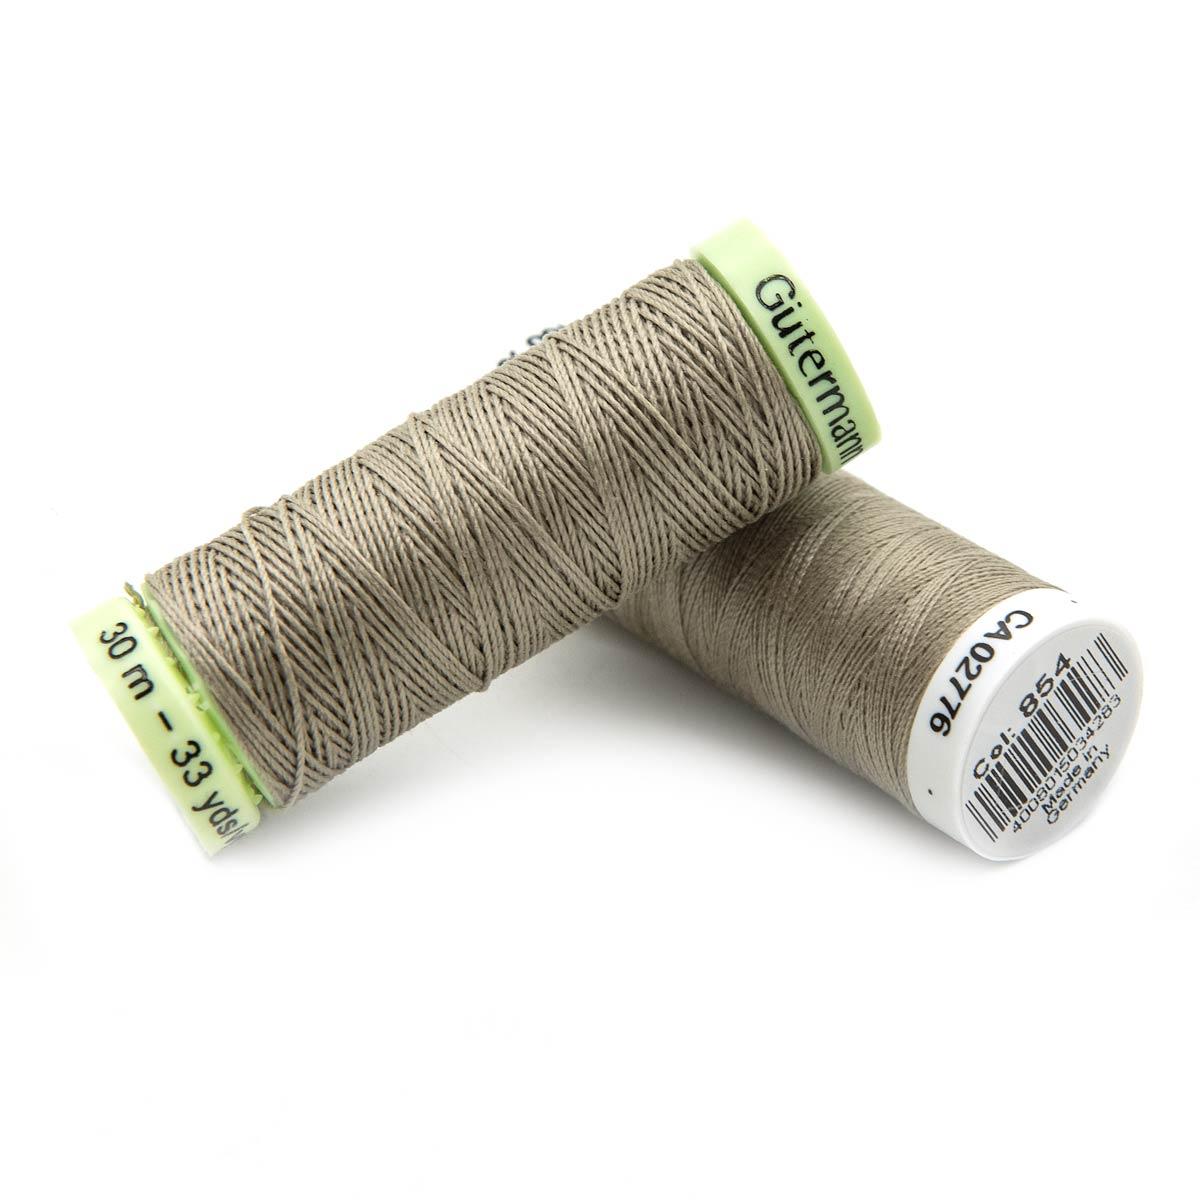 Набор швейных нитей (744506 Нить Top Stitch 30м, 748277 Нить Sew-All 200м) 2шт/упак Гутерманн, 854 пастельно-болотный